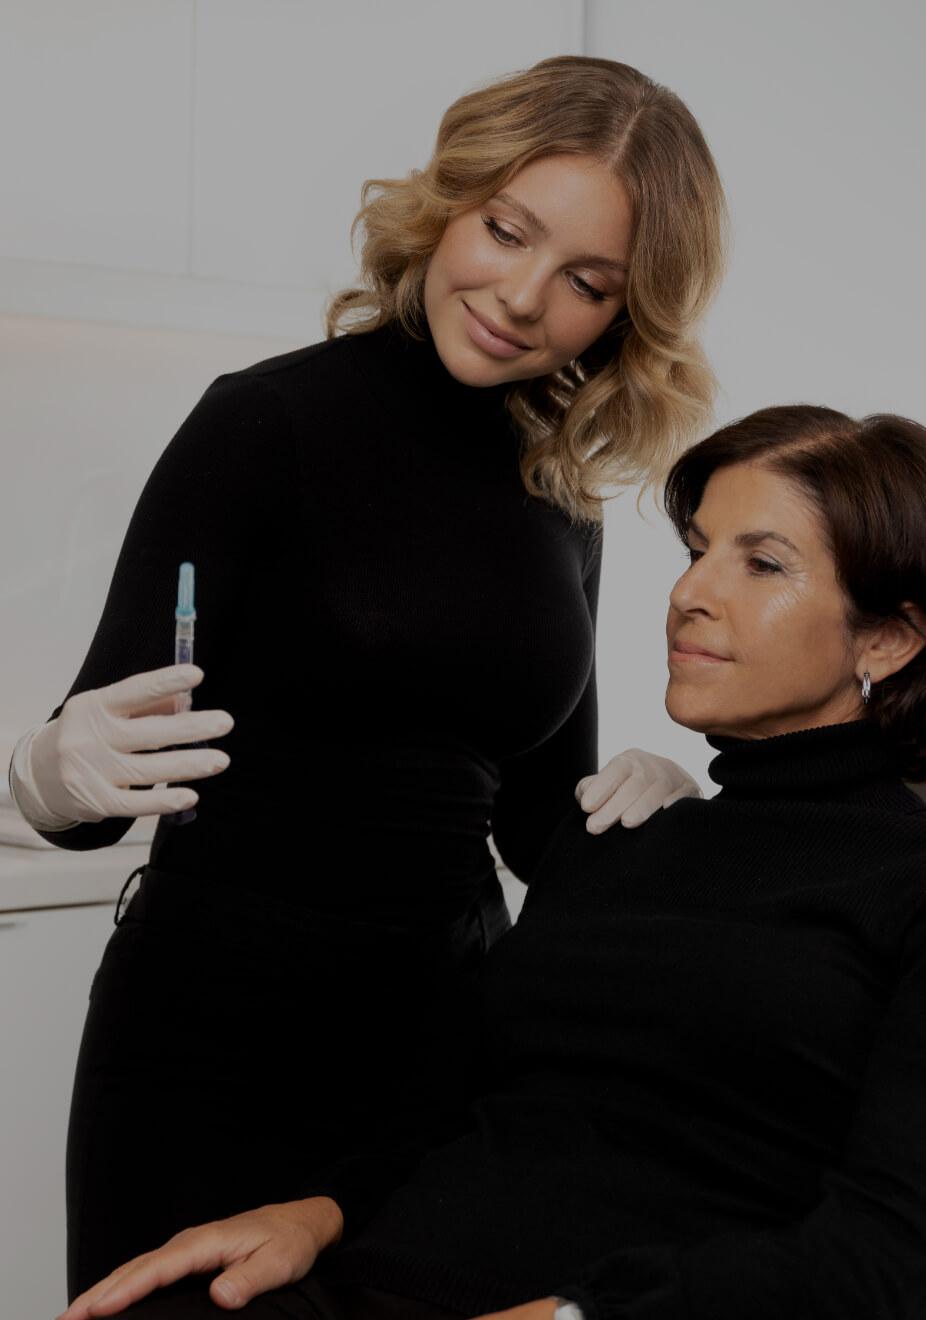 L'infirmière injectrice Amélie Castonguay écoutant sa patiente avant un traitement d'agents de comblement